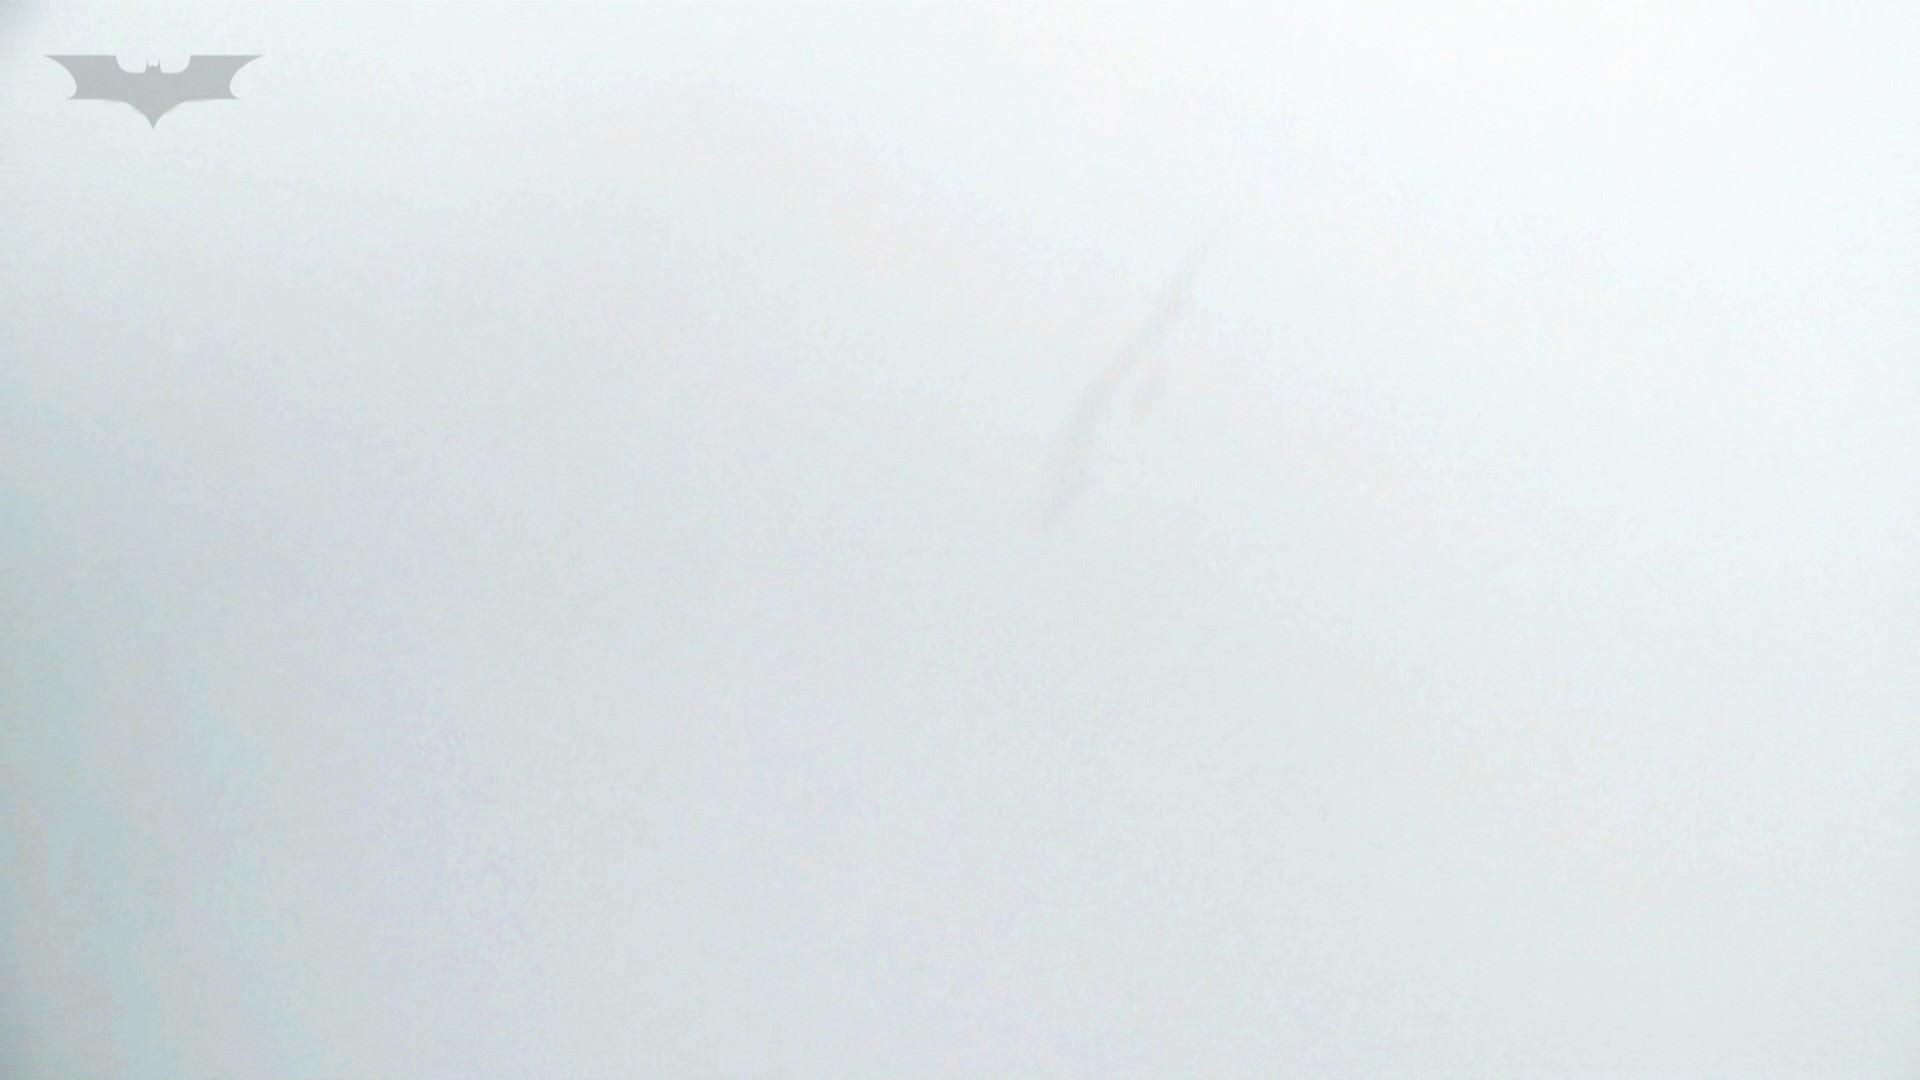 下からノゾム vol.020 10センチ越えドロンを垂らしながら・・・ エッチすぎるOL達  88連発 18